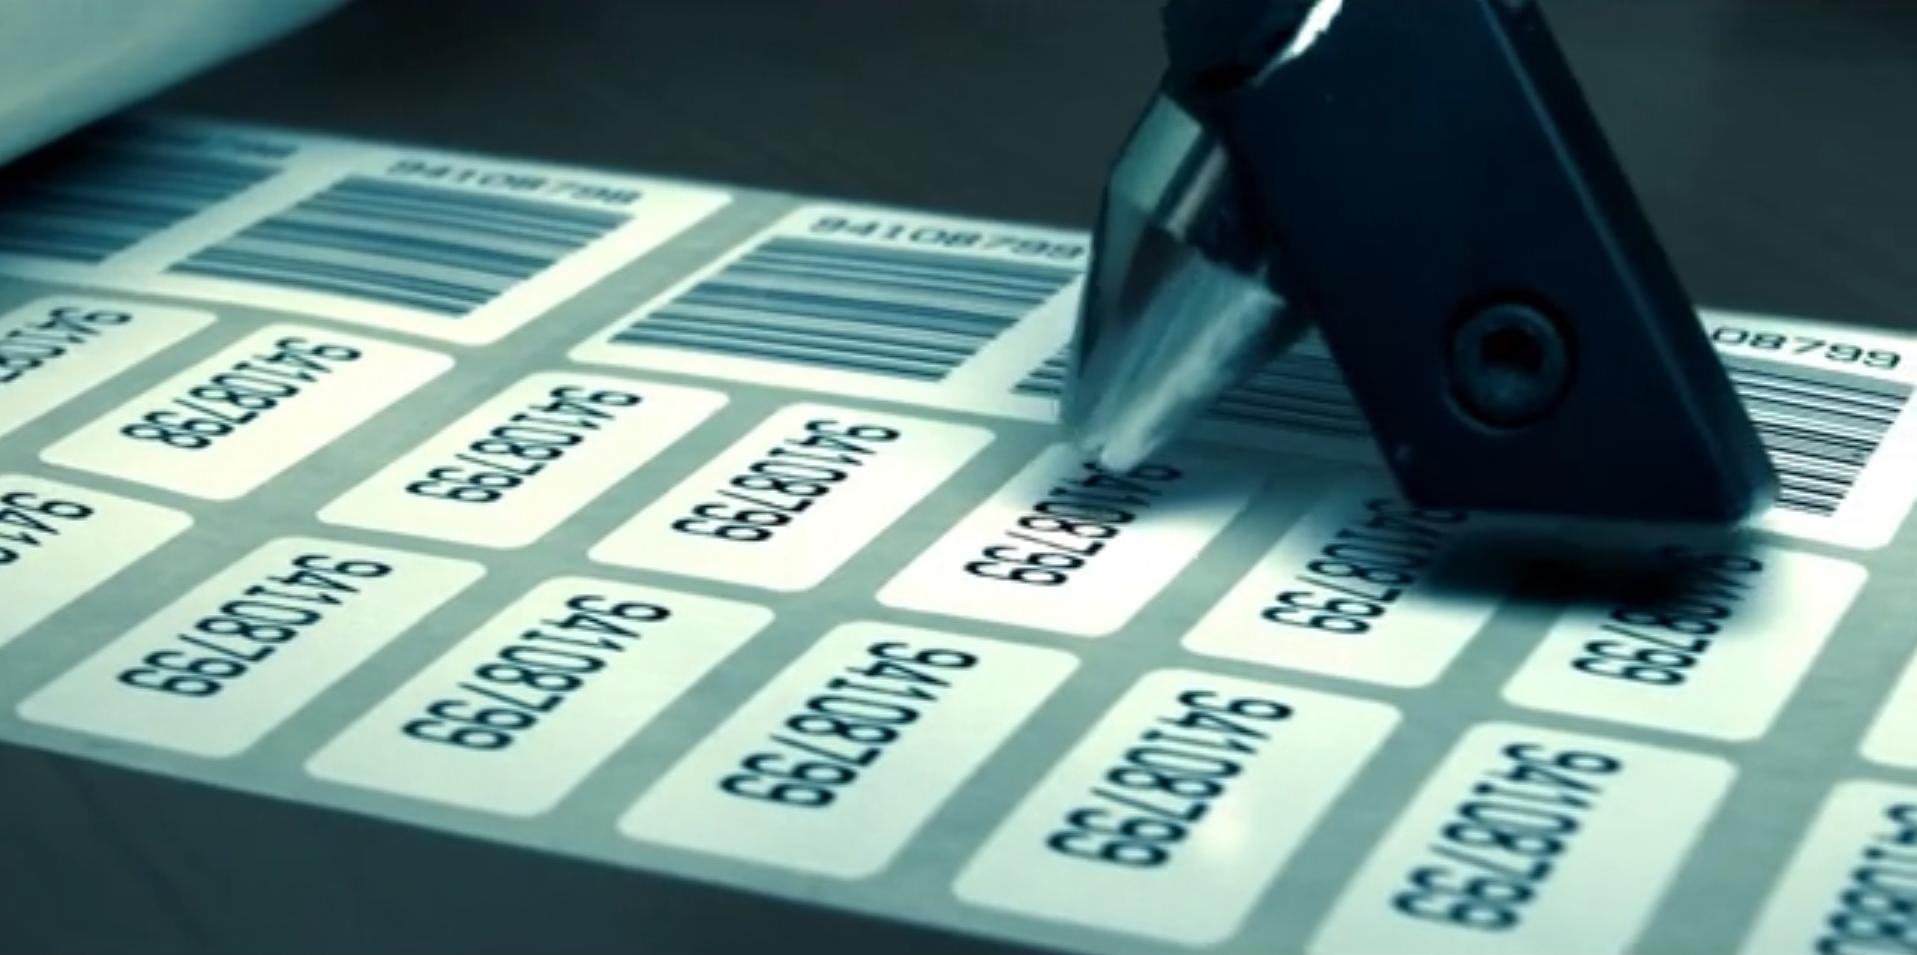 Vor dem Versand werden unsere Etiketten bei Bedarf geprüft